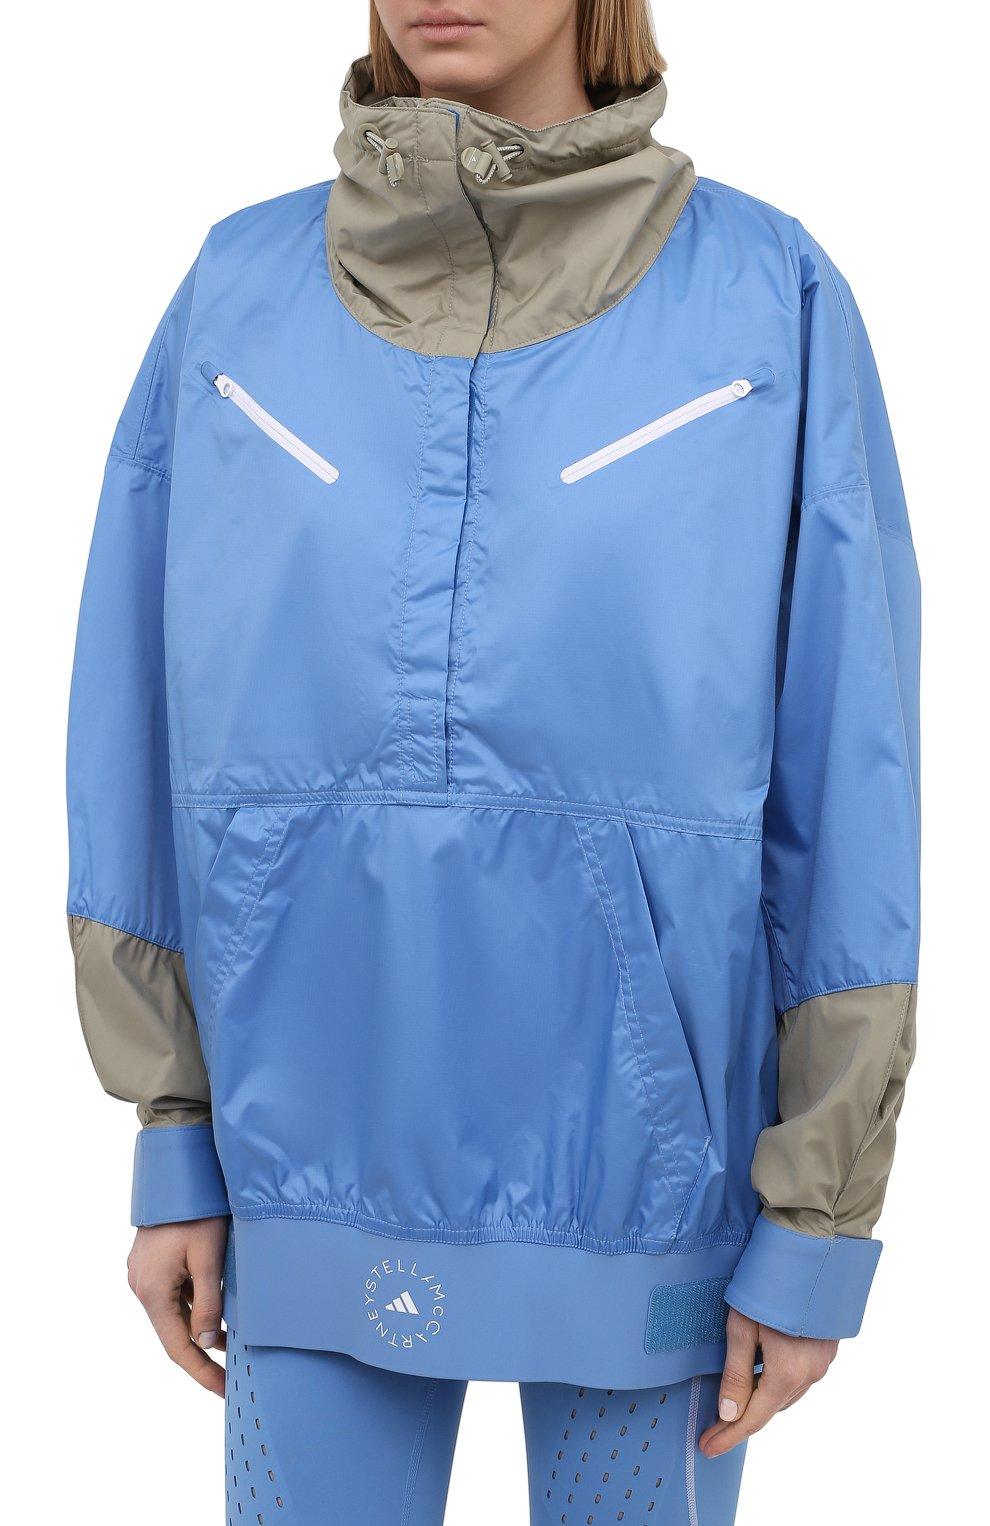 Женская ветровка ADIDAS BY STELLA MCCARTNEY голубого цвета, арт. GL7332 | Фото 3 (Кросс-КТ: Куртка, Ветровка; Рукава: Длинные; Женское Кросс-КТ: Куртка-спорт; Длина (верхняя одежда): До середины бедра; Материал внешний: Синтетический материал; Стили: Спорт-шик)